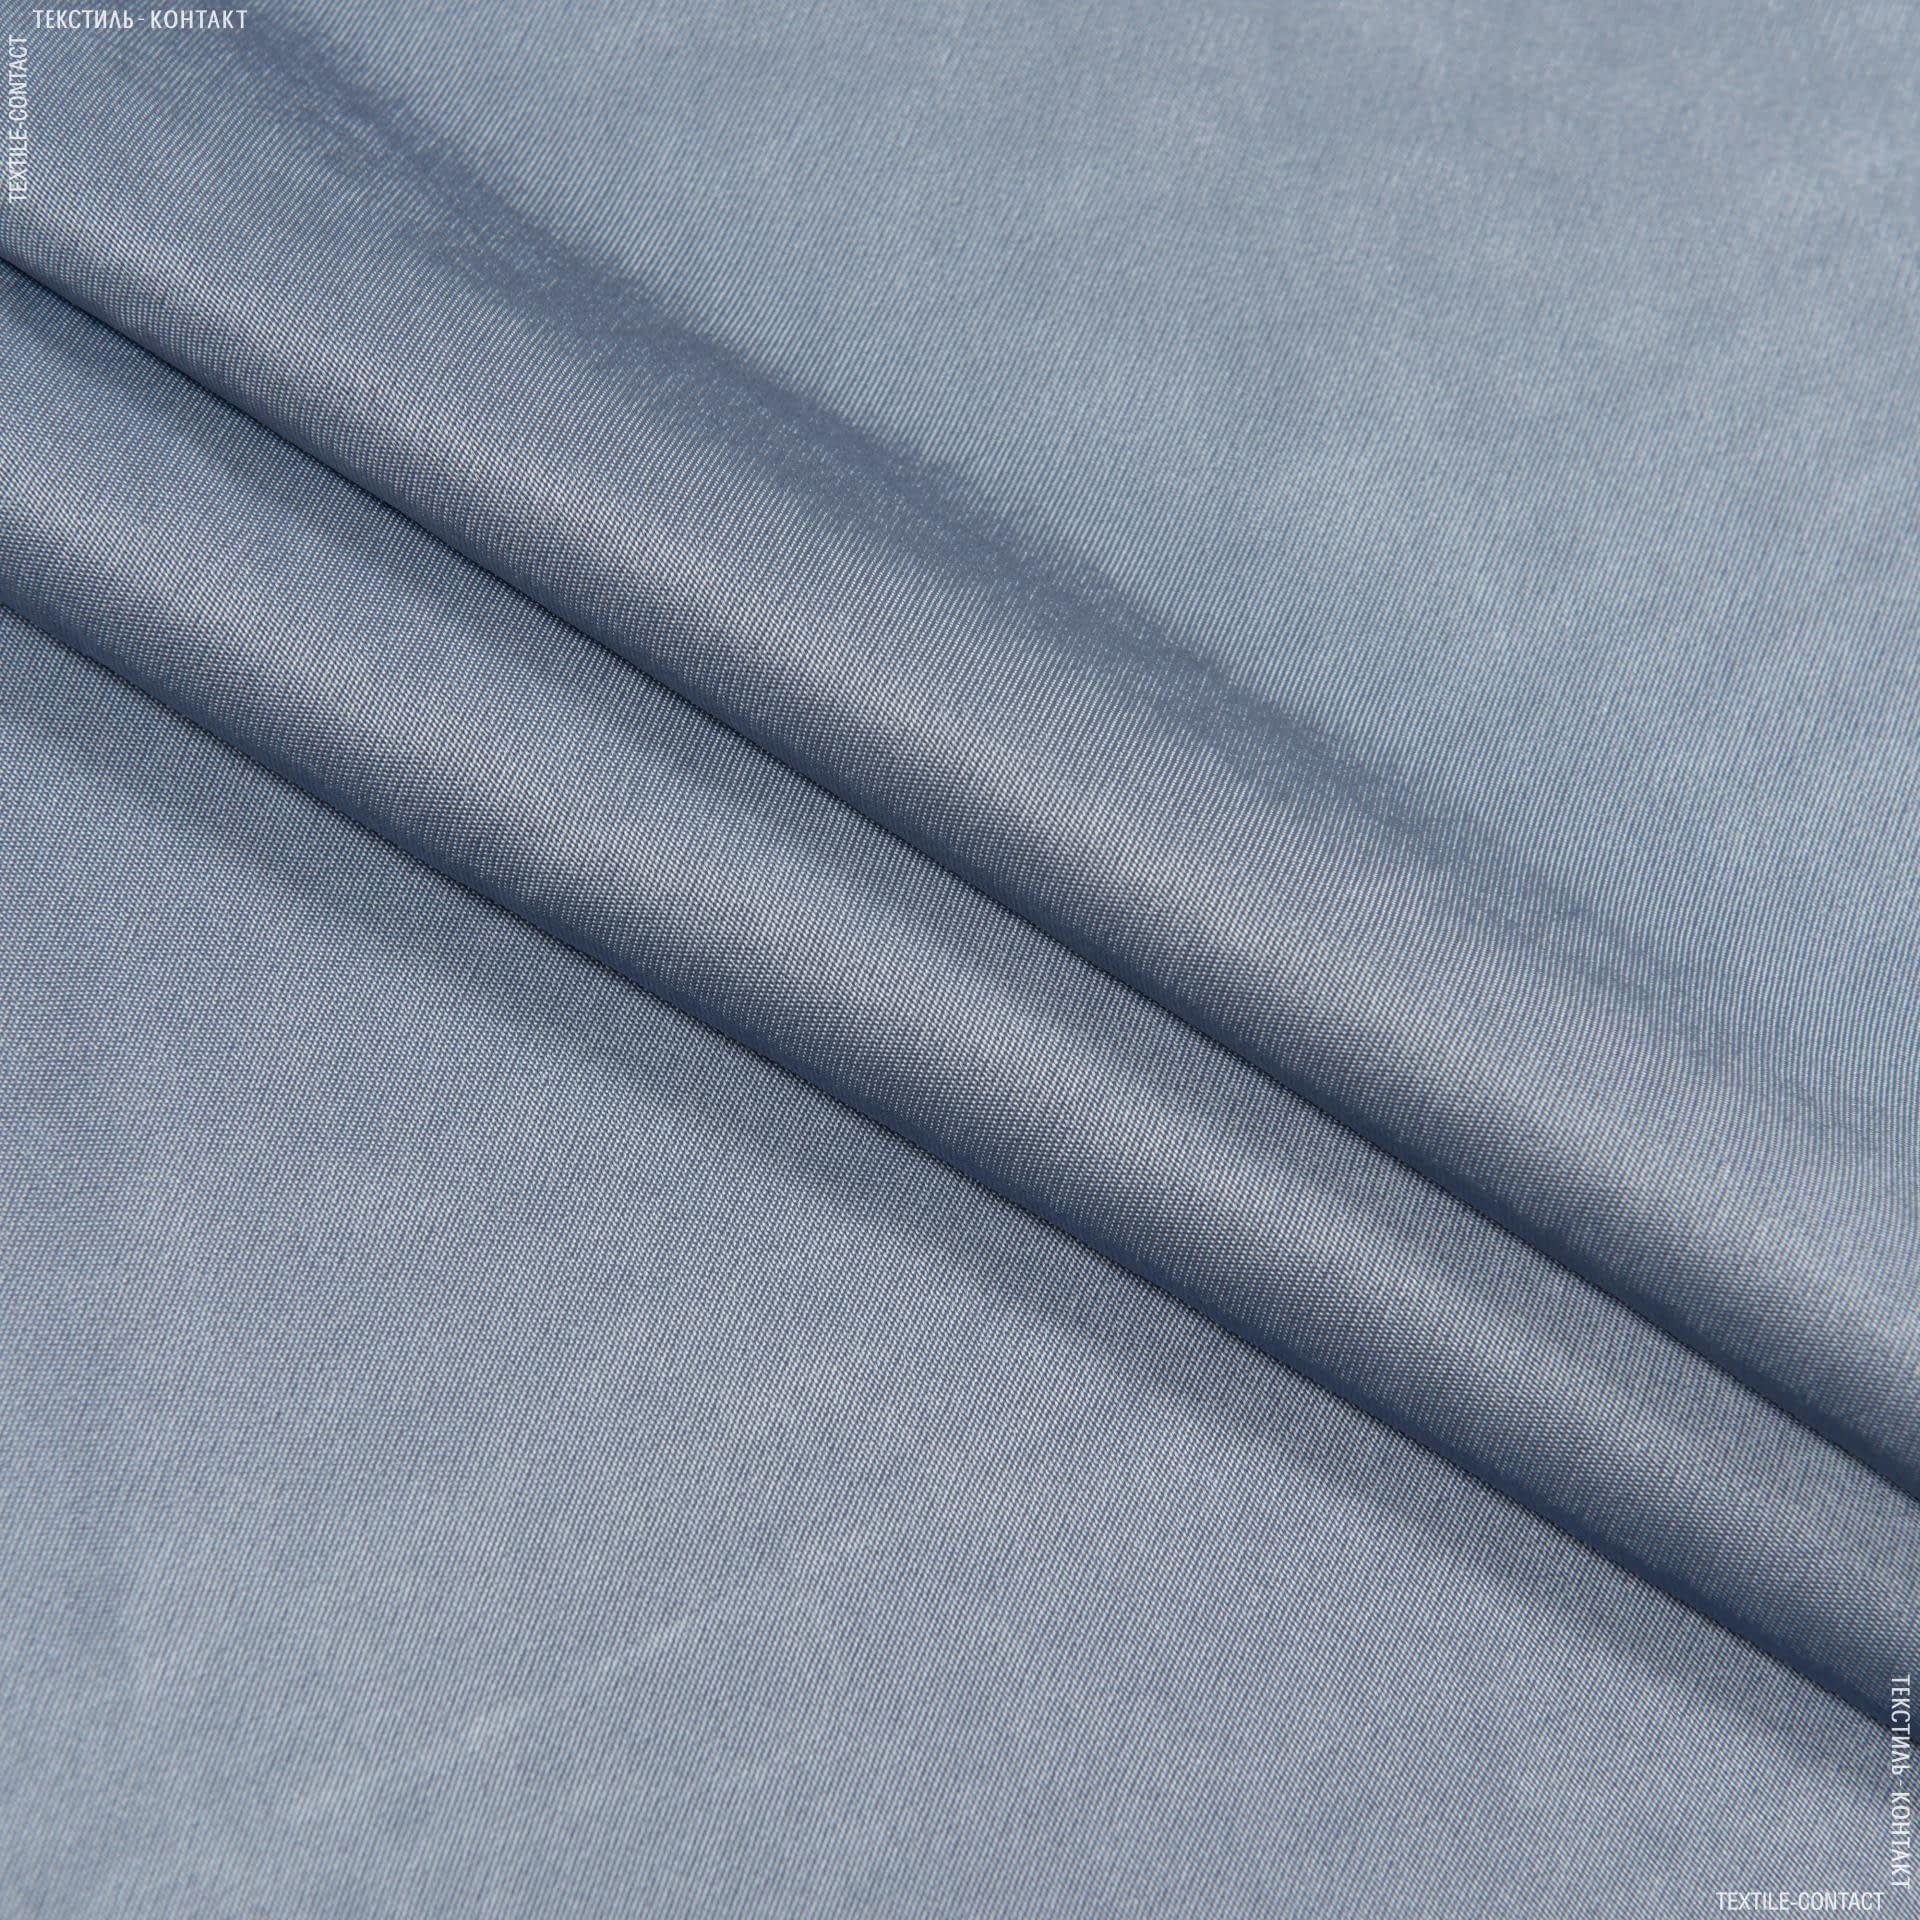 Тканини для костюмів - Платтяний атлас платон сіро-синій